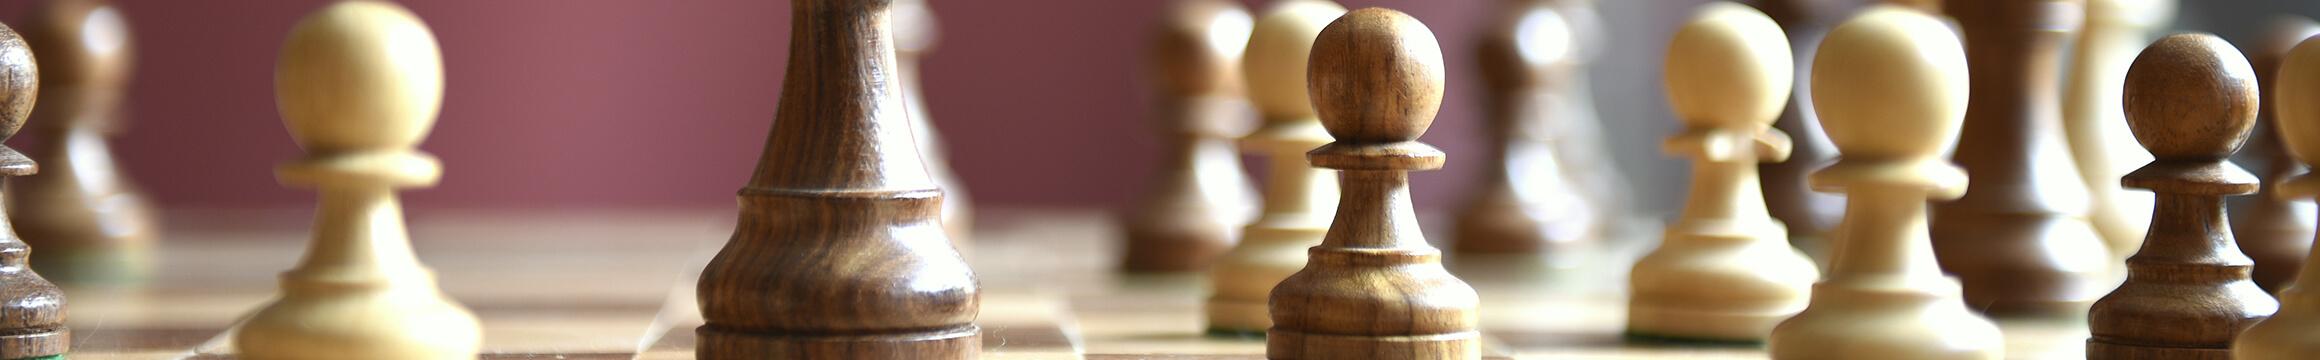 Chess 03